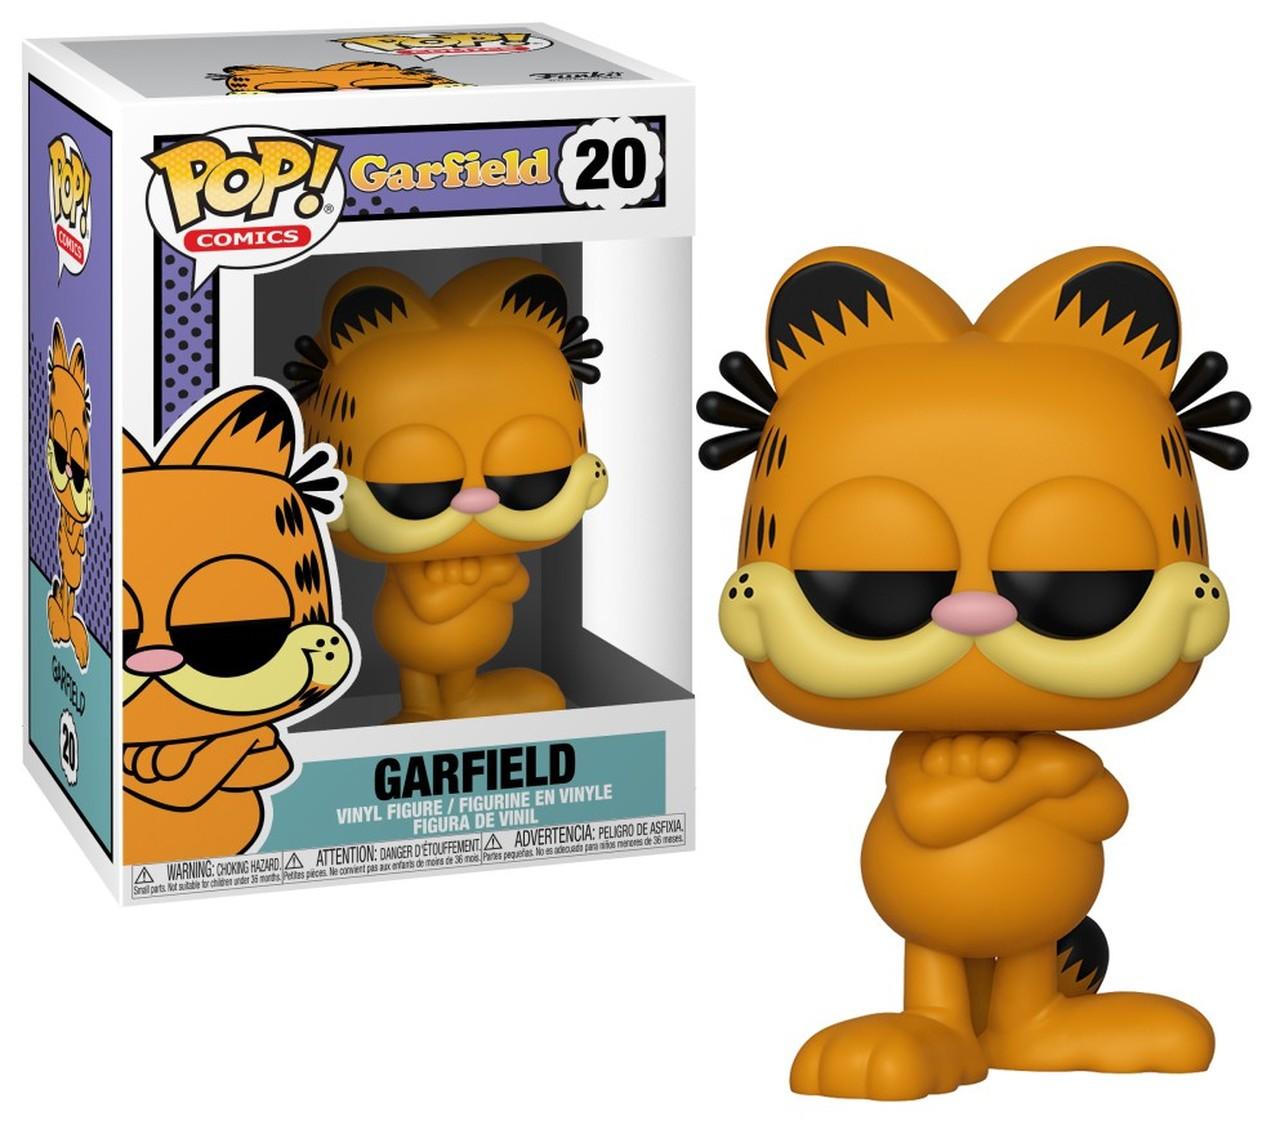 POP! Comics: Garfield - Garfield